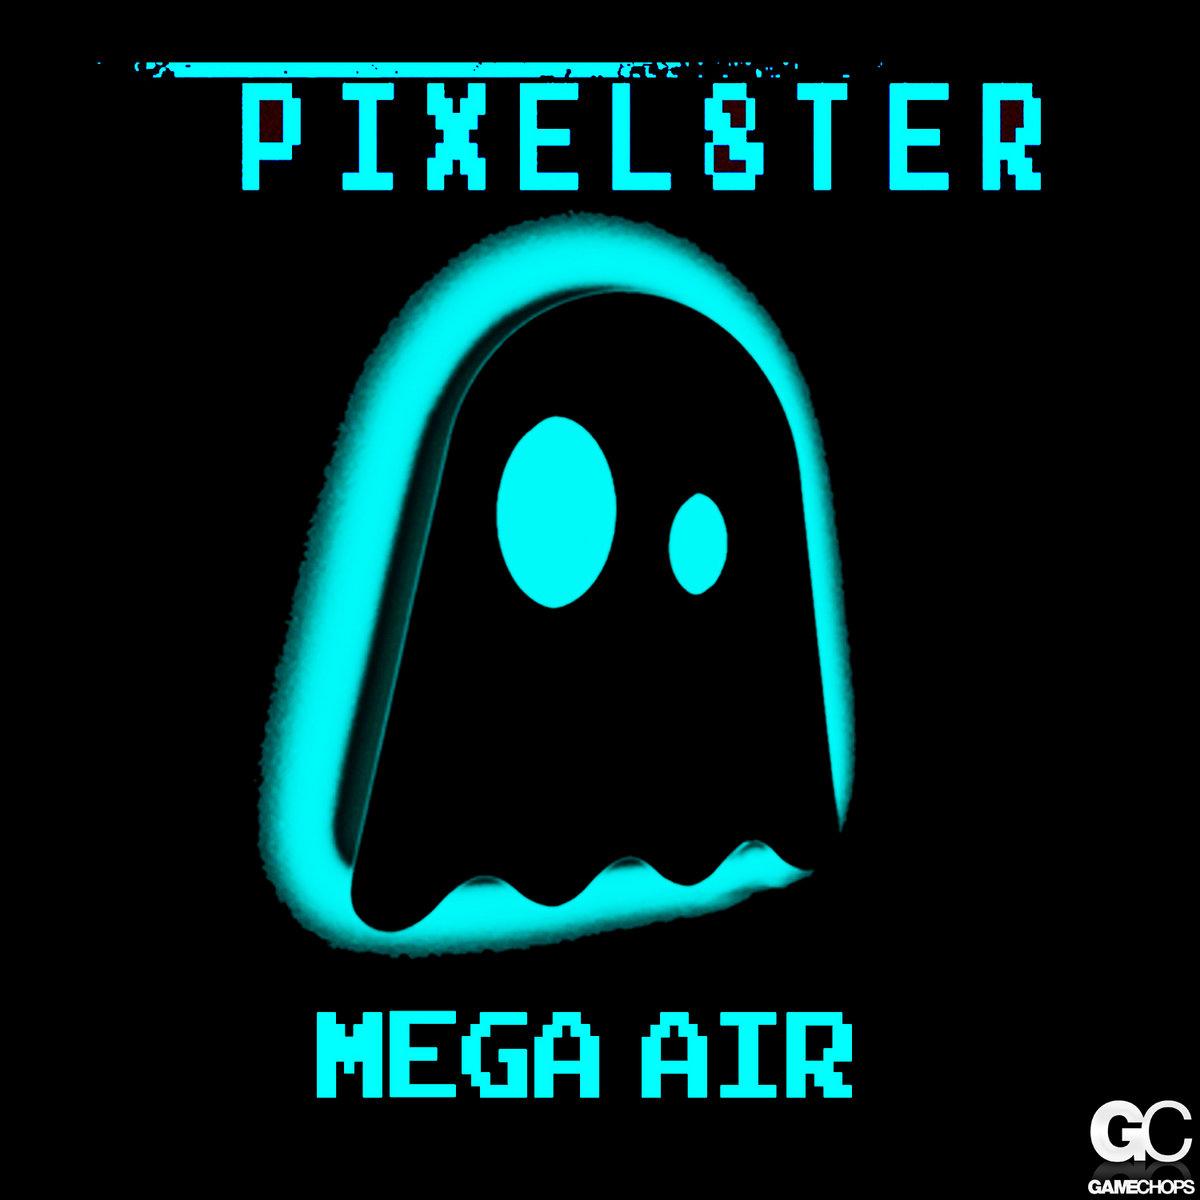 Mega Air – Pixel8ter